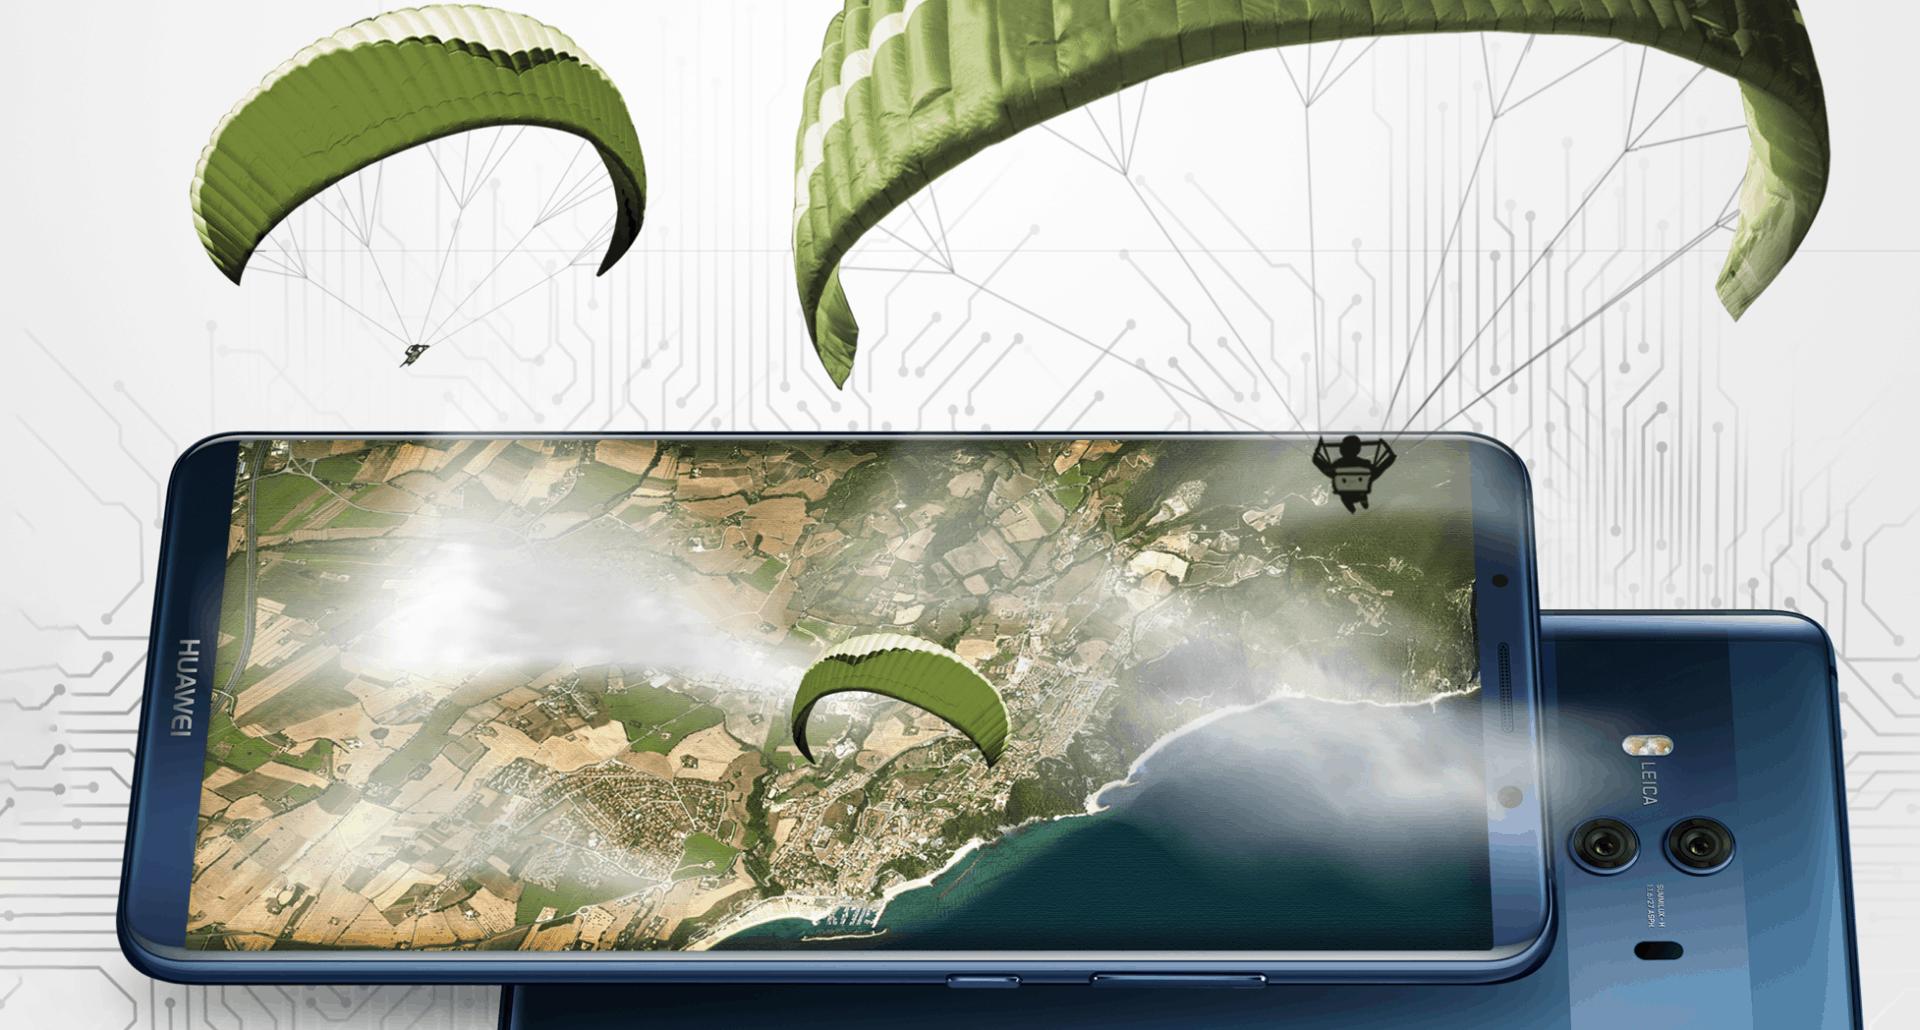 Nová technologie zvýší výkon ve hrách: Huawei GPU Turbo